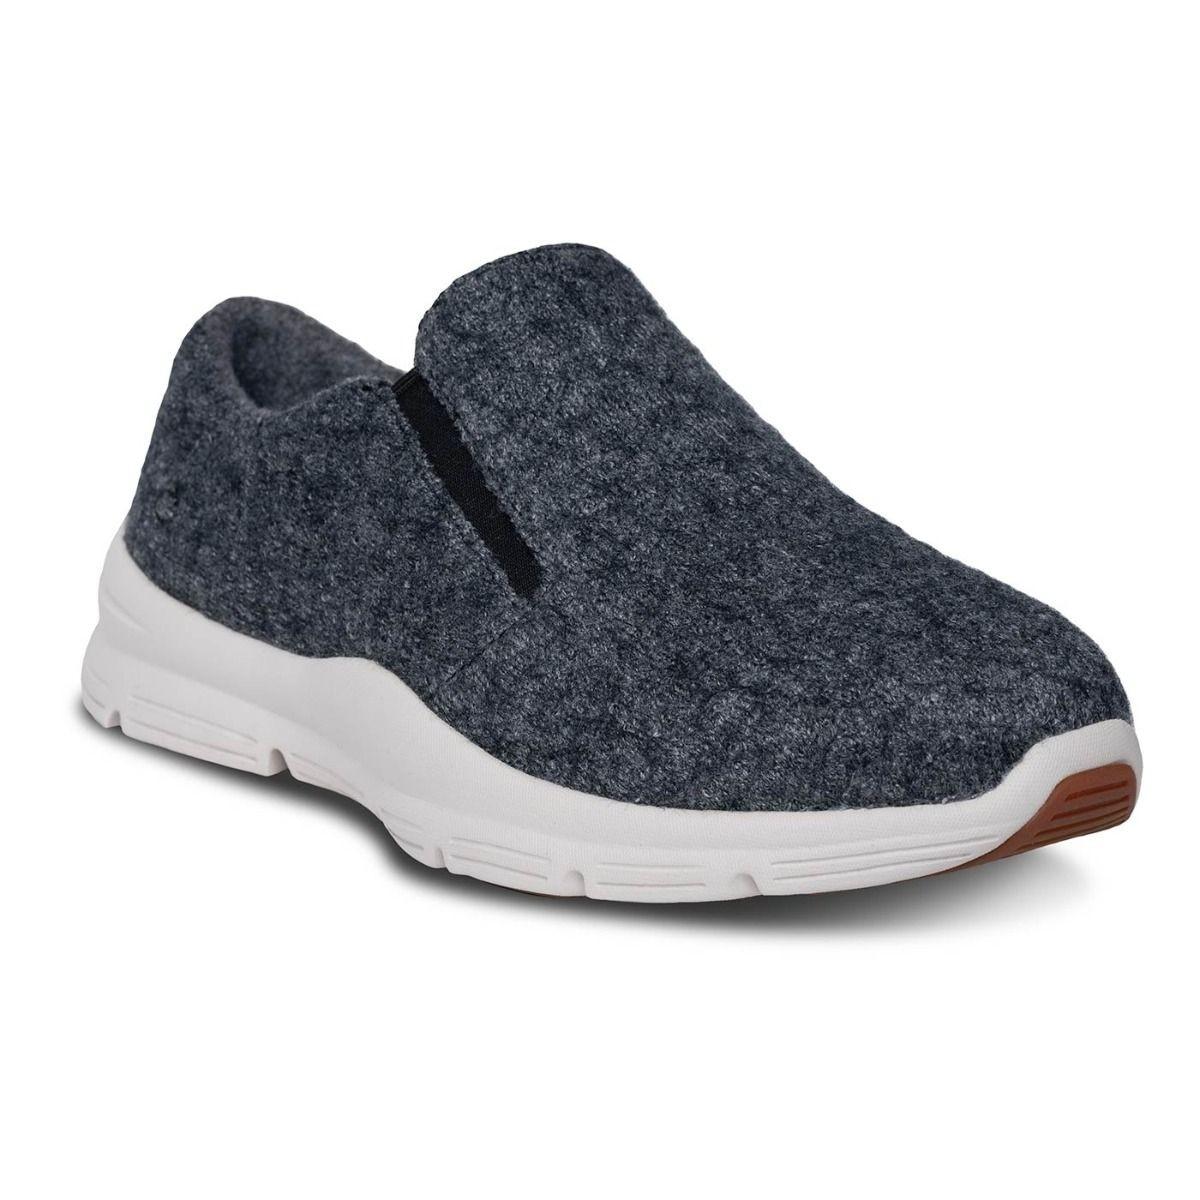 Meadow Women's - Athletic Casual Wool Shoe